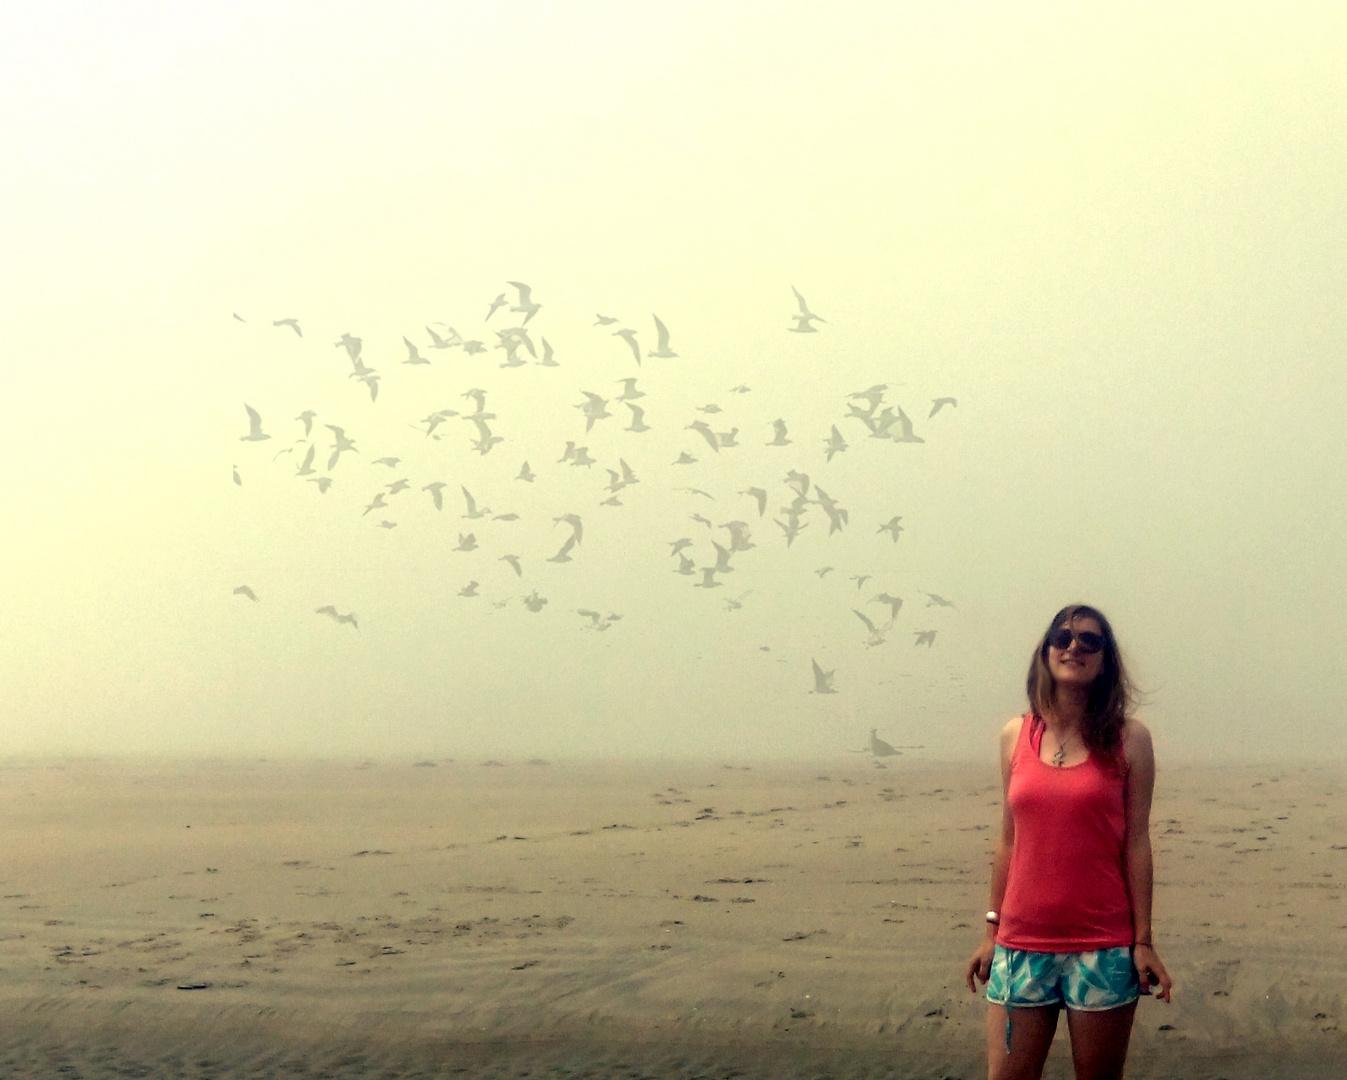 Birds in the haze